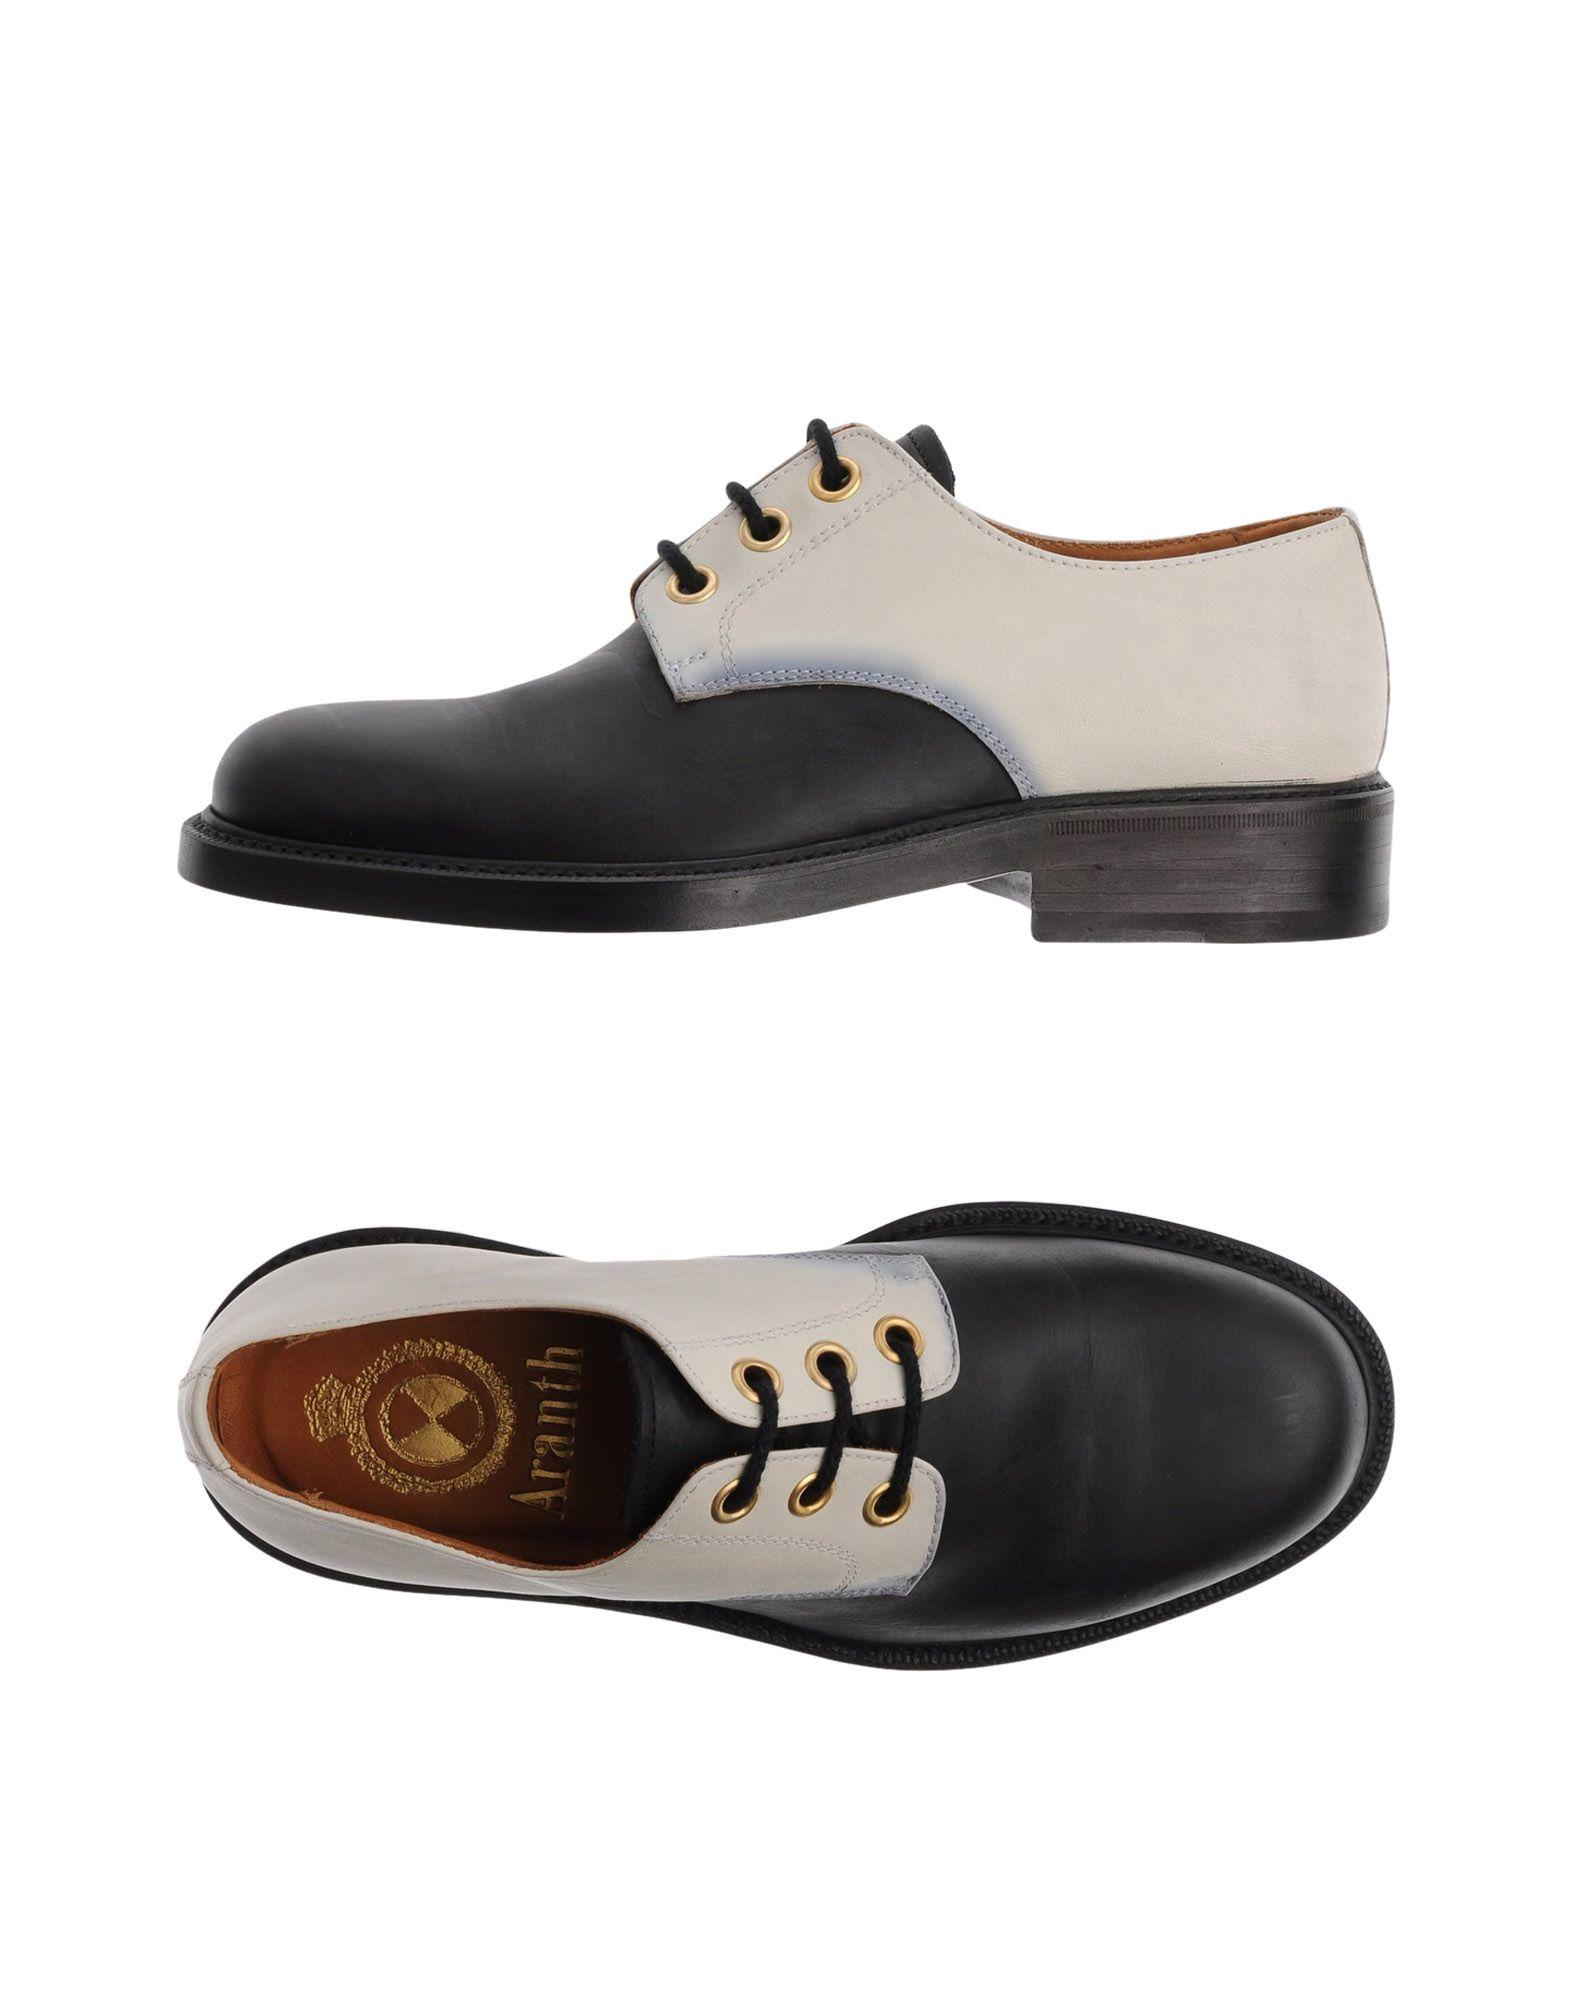 Aranth Schnürschuhe Damen  11233636NGGut aussehende strapazierfähige Schuhe